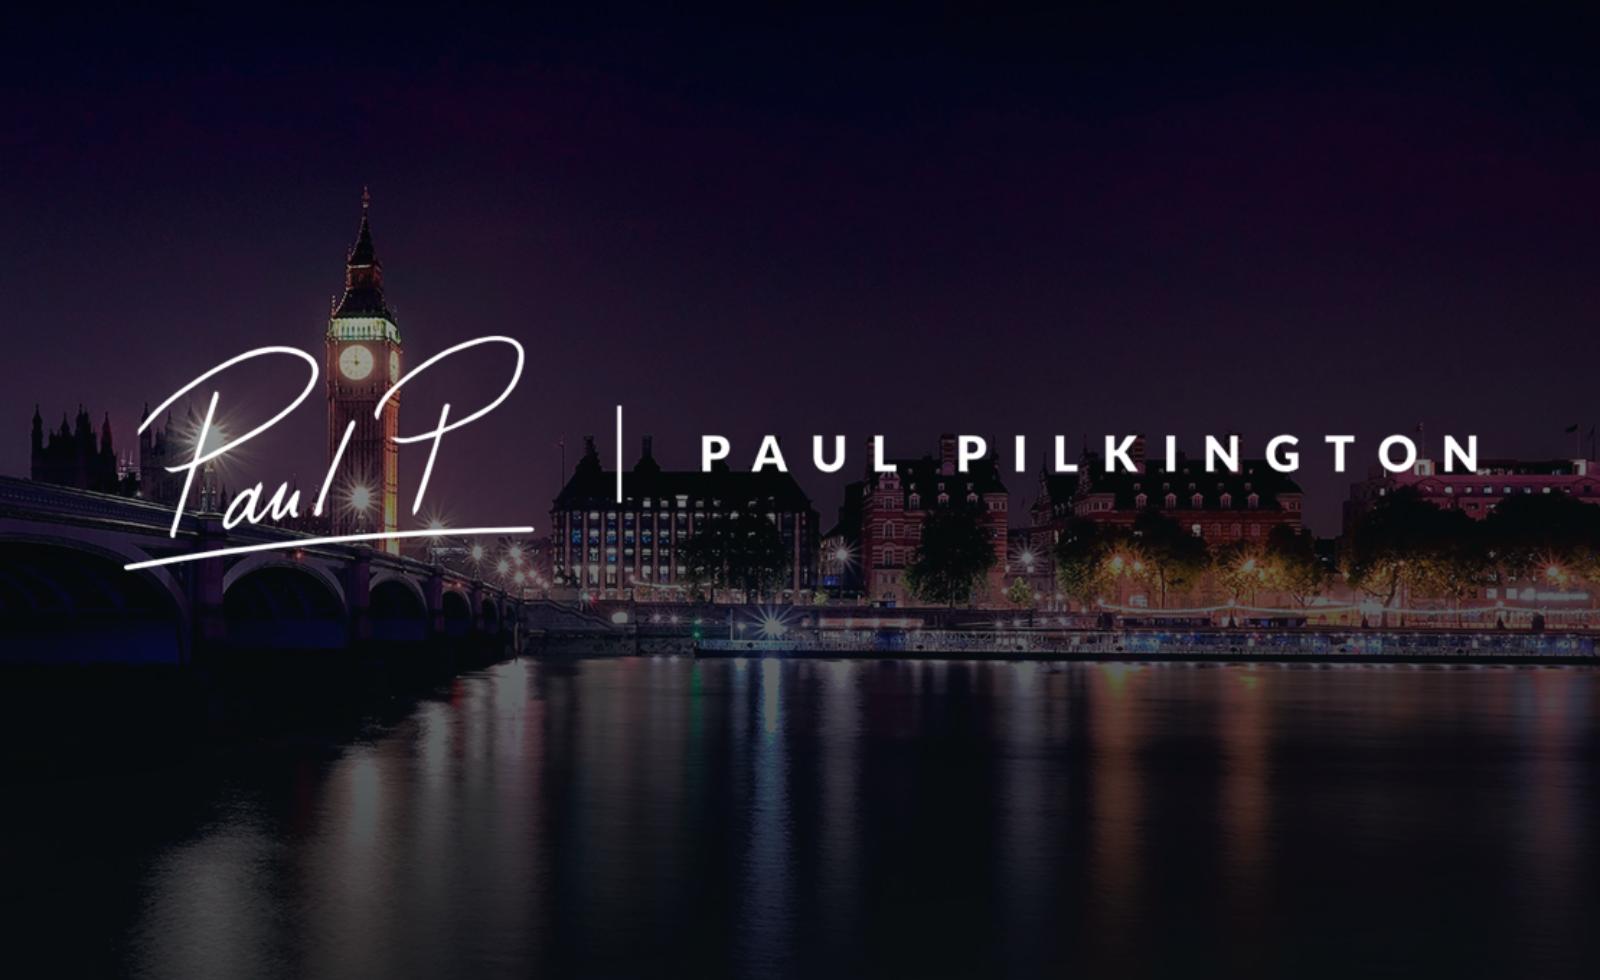 Paul Pilkington Logomark